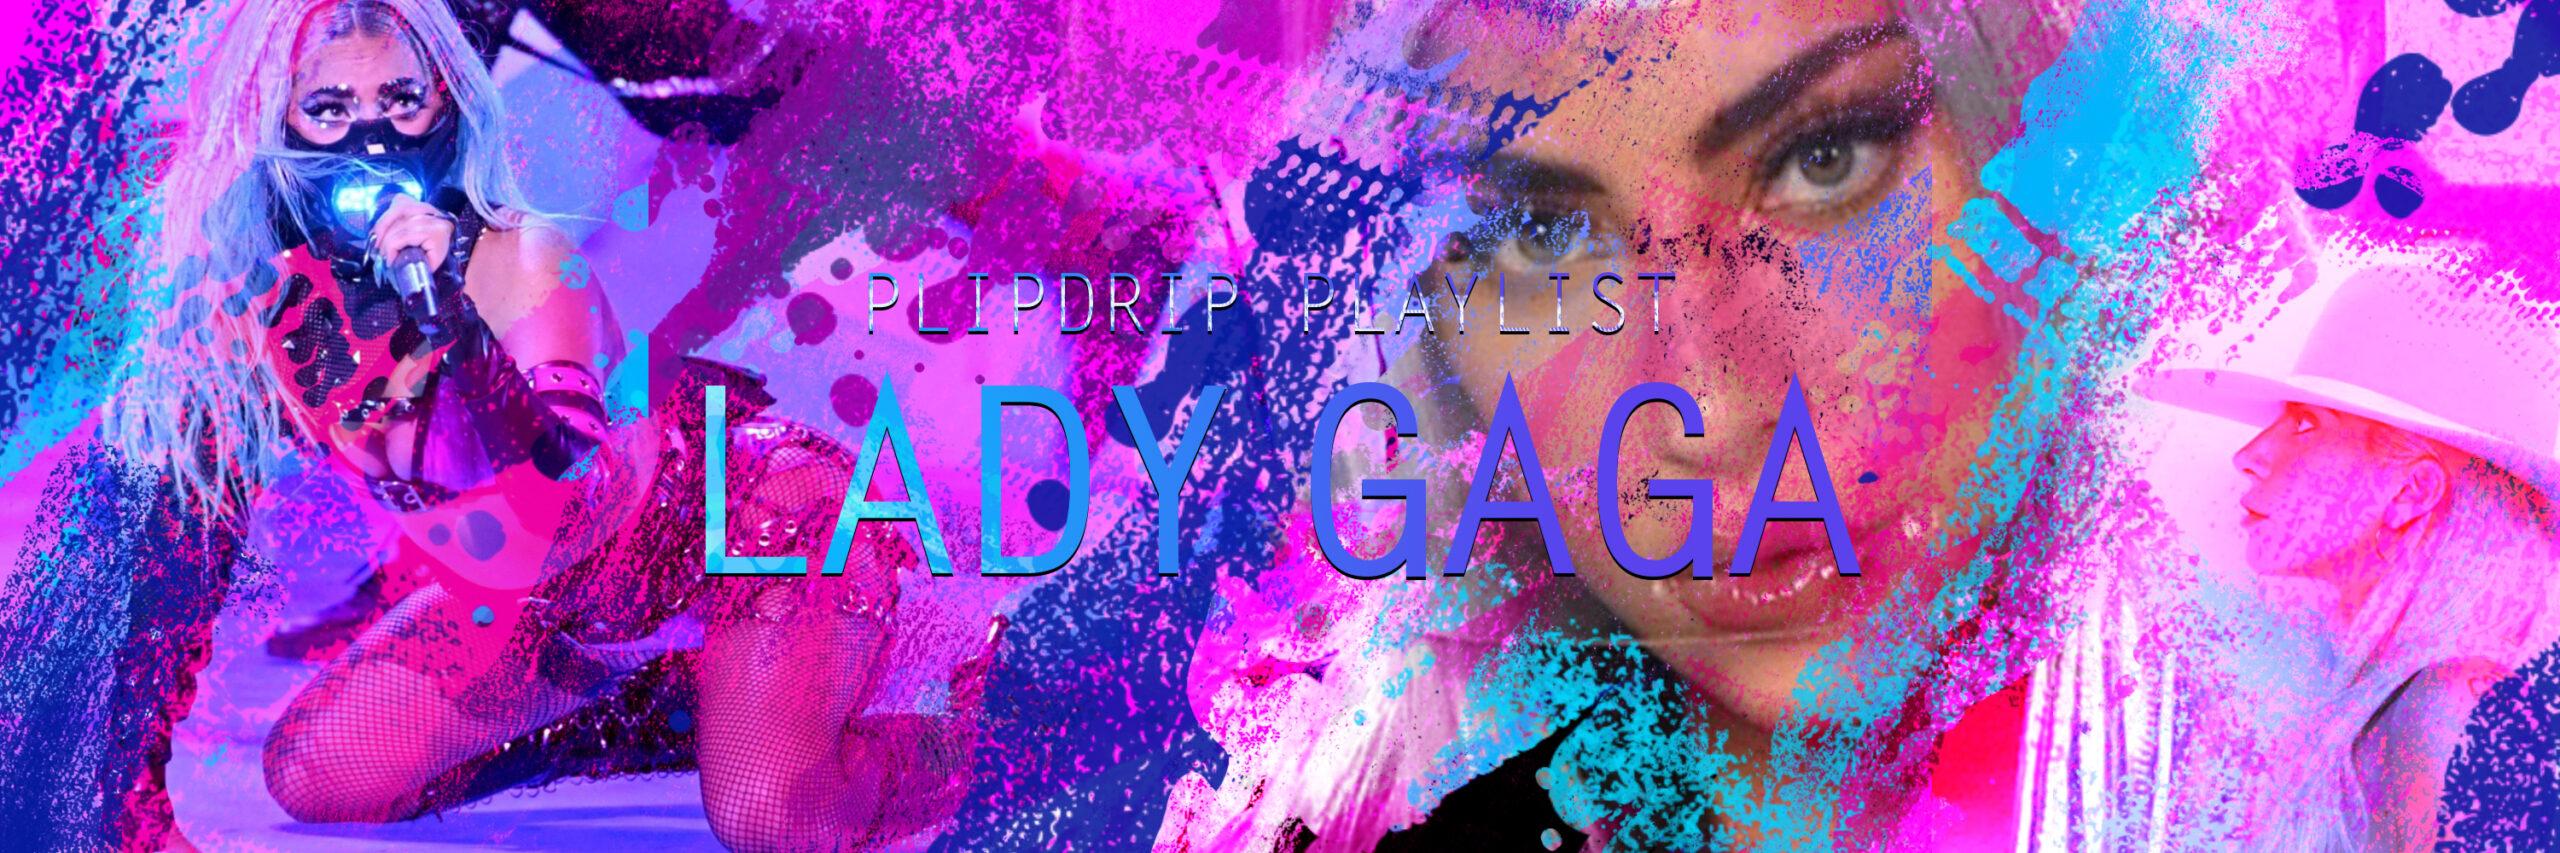 PF-lady-gaga-banner-1